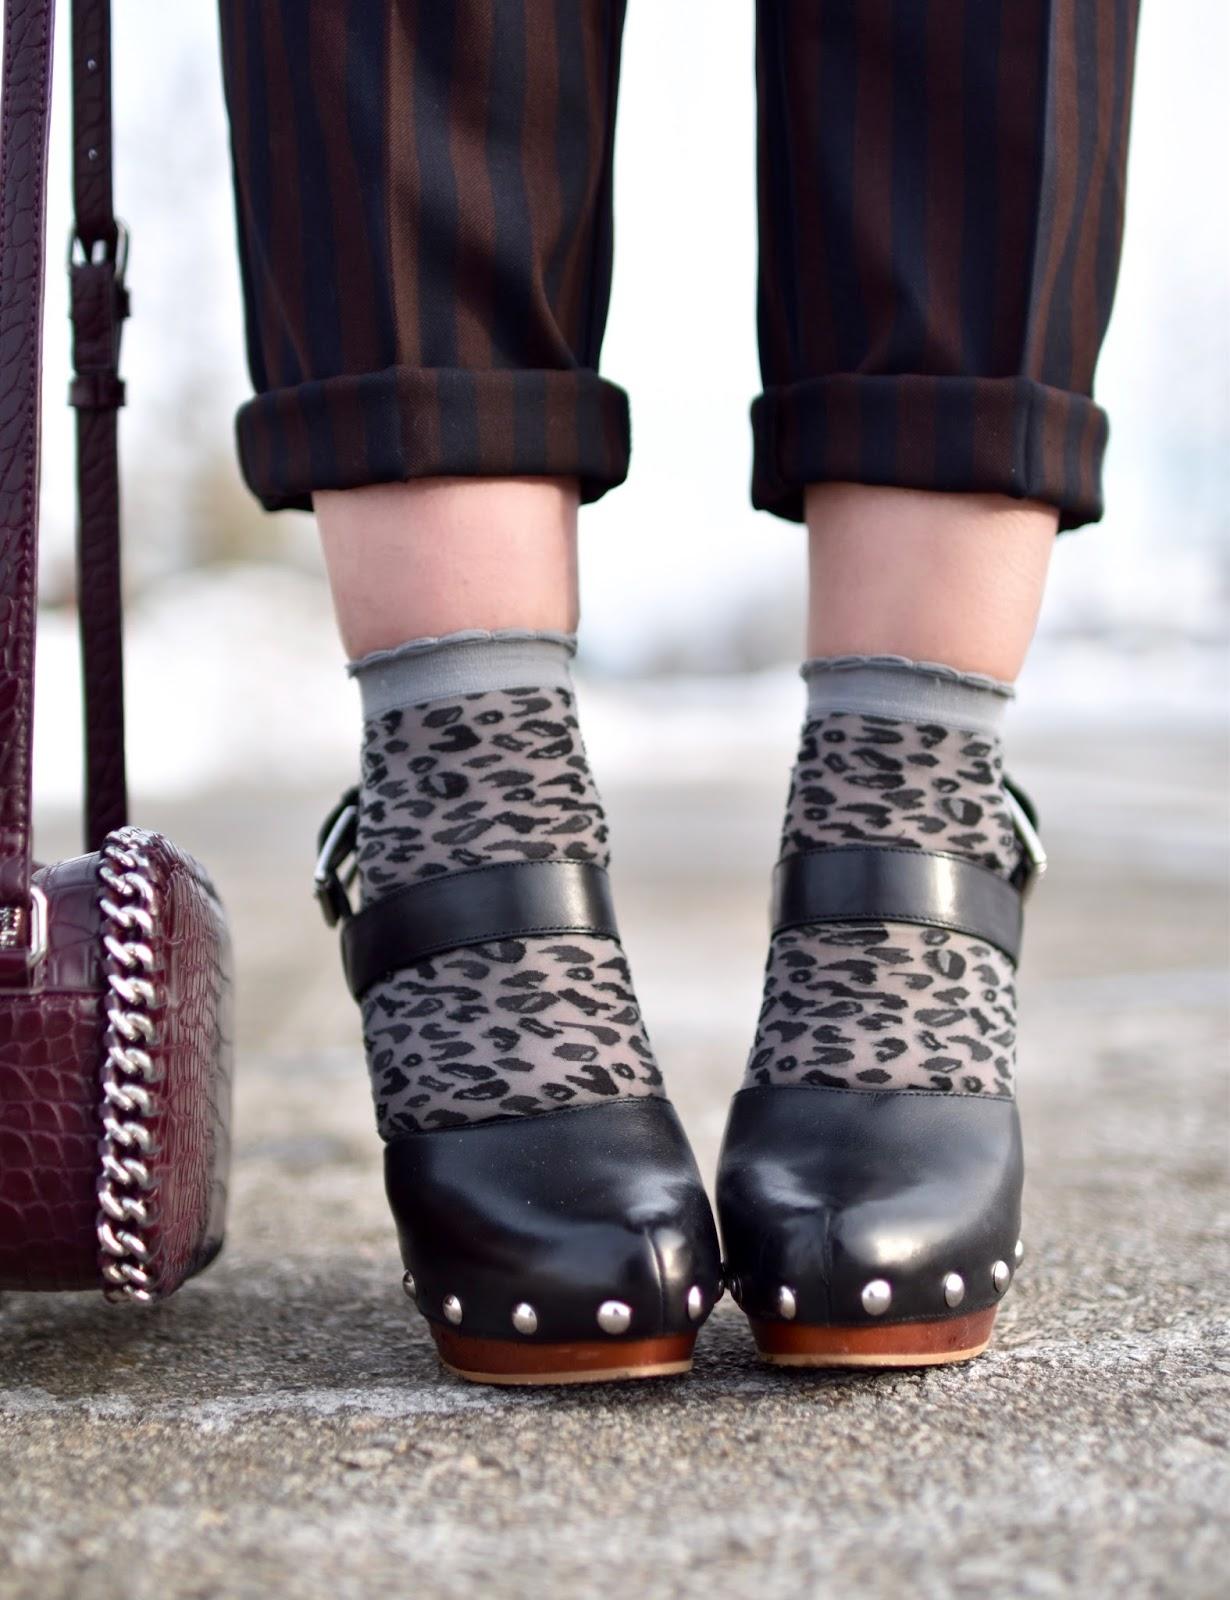 Monika Faulkner outfit inspiration - leopard ankle socks, Vince Camuto platform heels